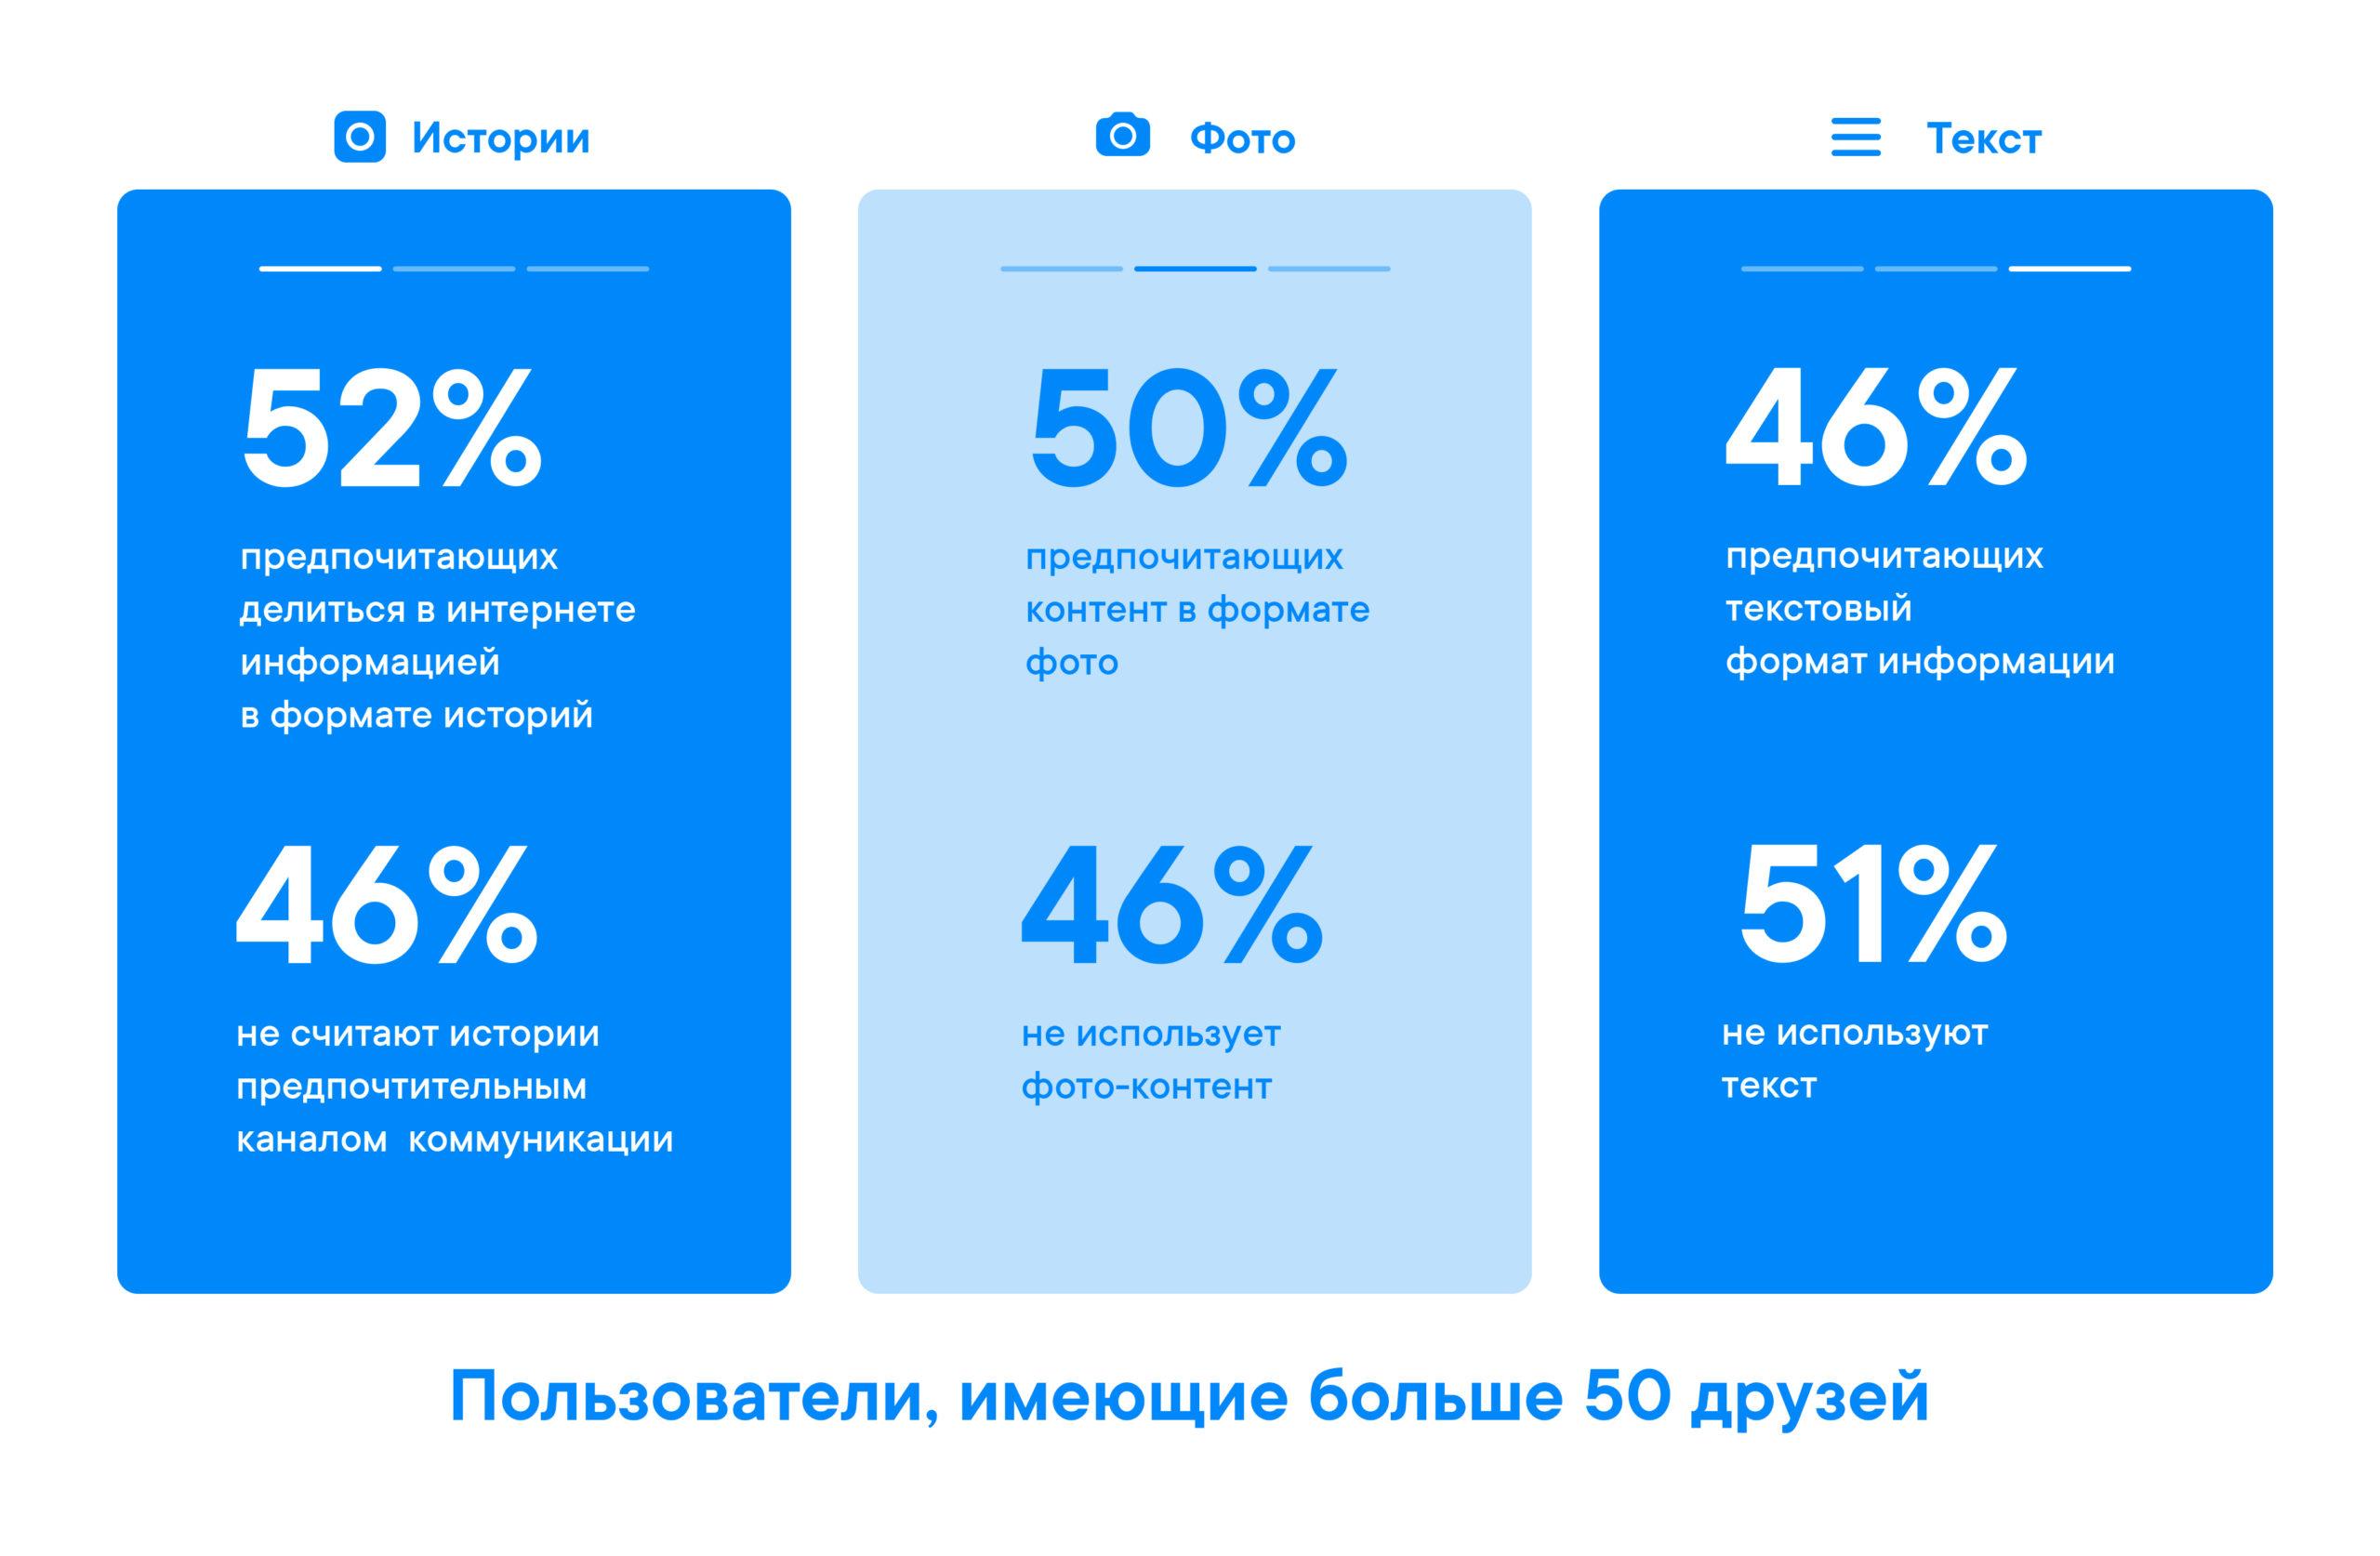 Публикации поколения Zв соцсетях